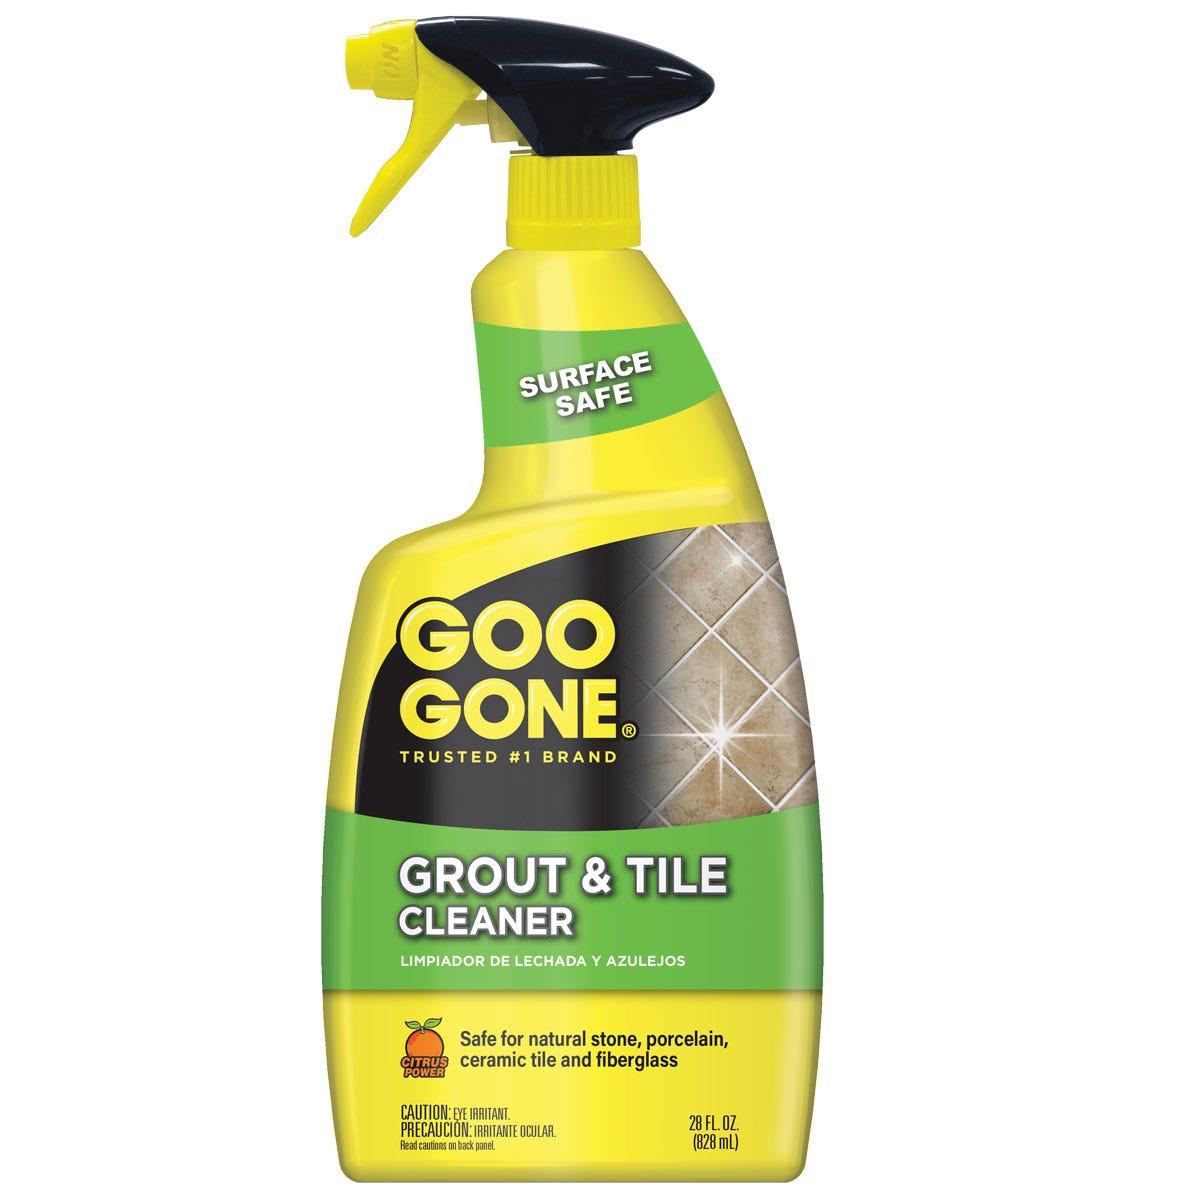 https://googone.com/media/catalog/product/g/o/goo-gone-grout-cleaner_front.jpg